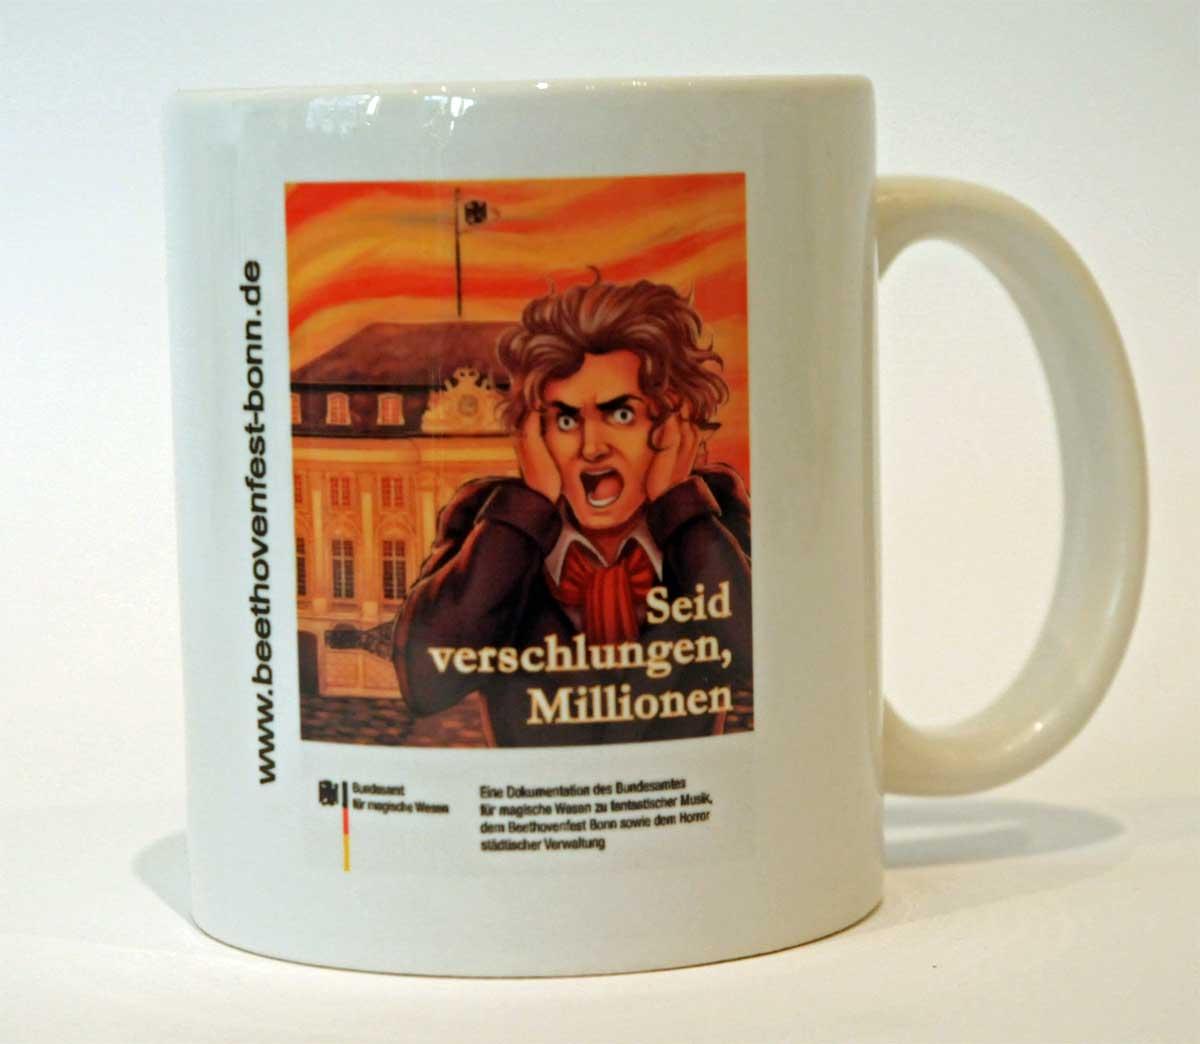 BAfmW-Tasse zum Beethovenfest Bonn 2020